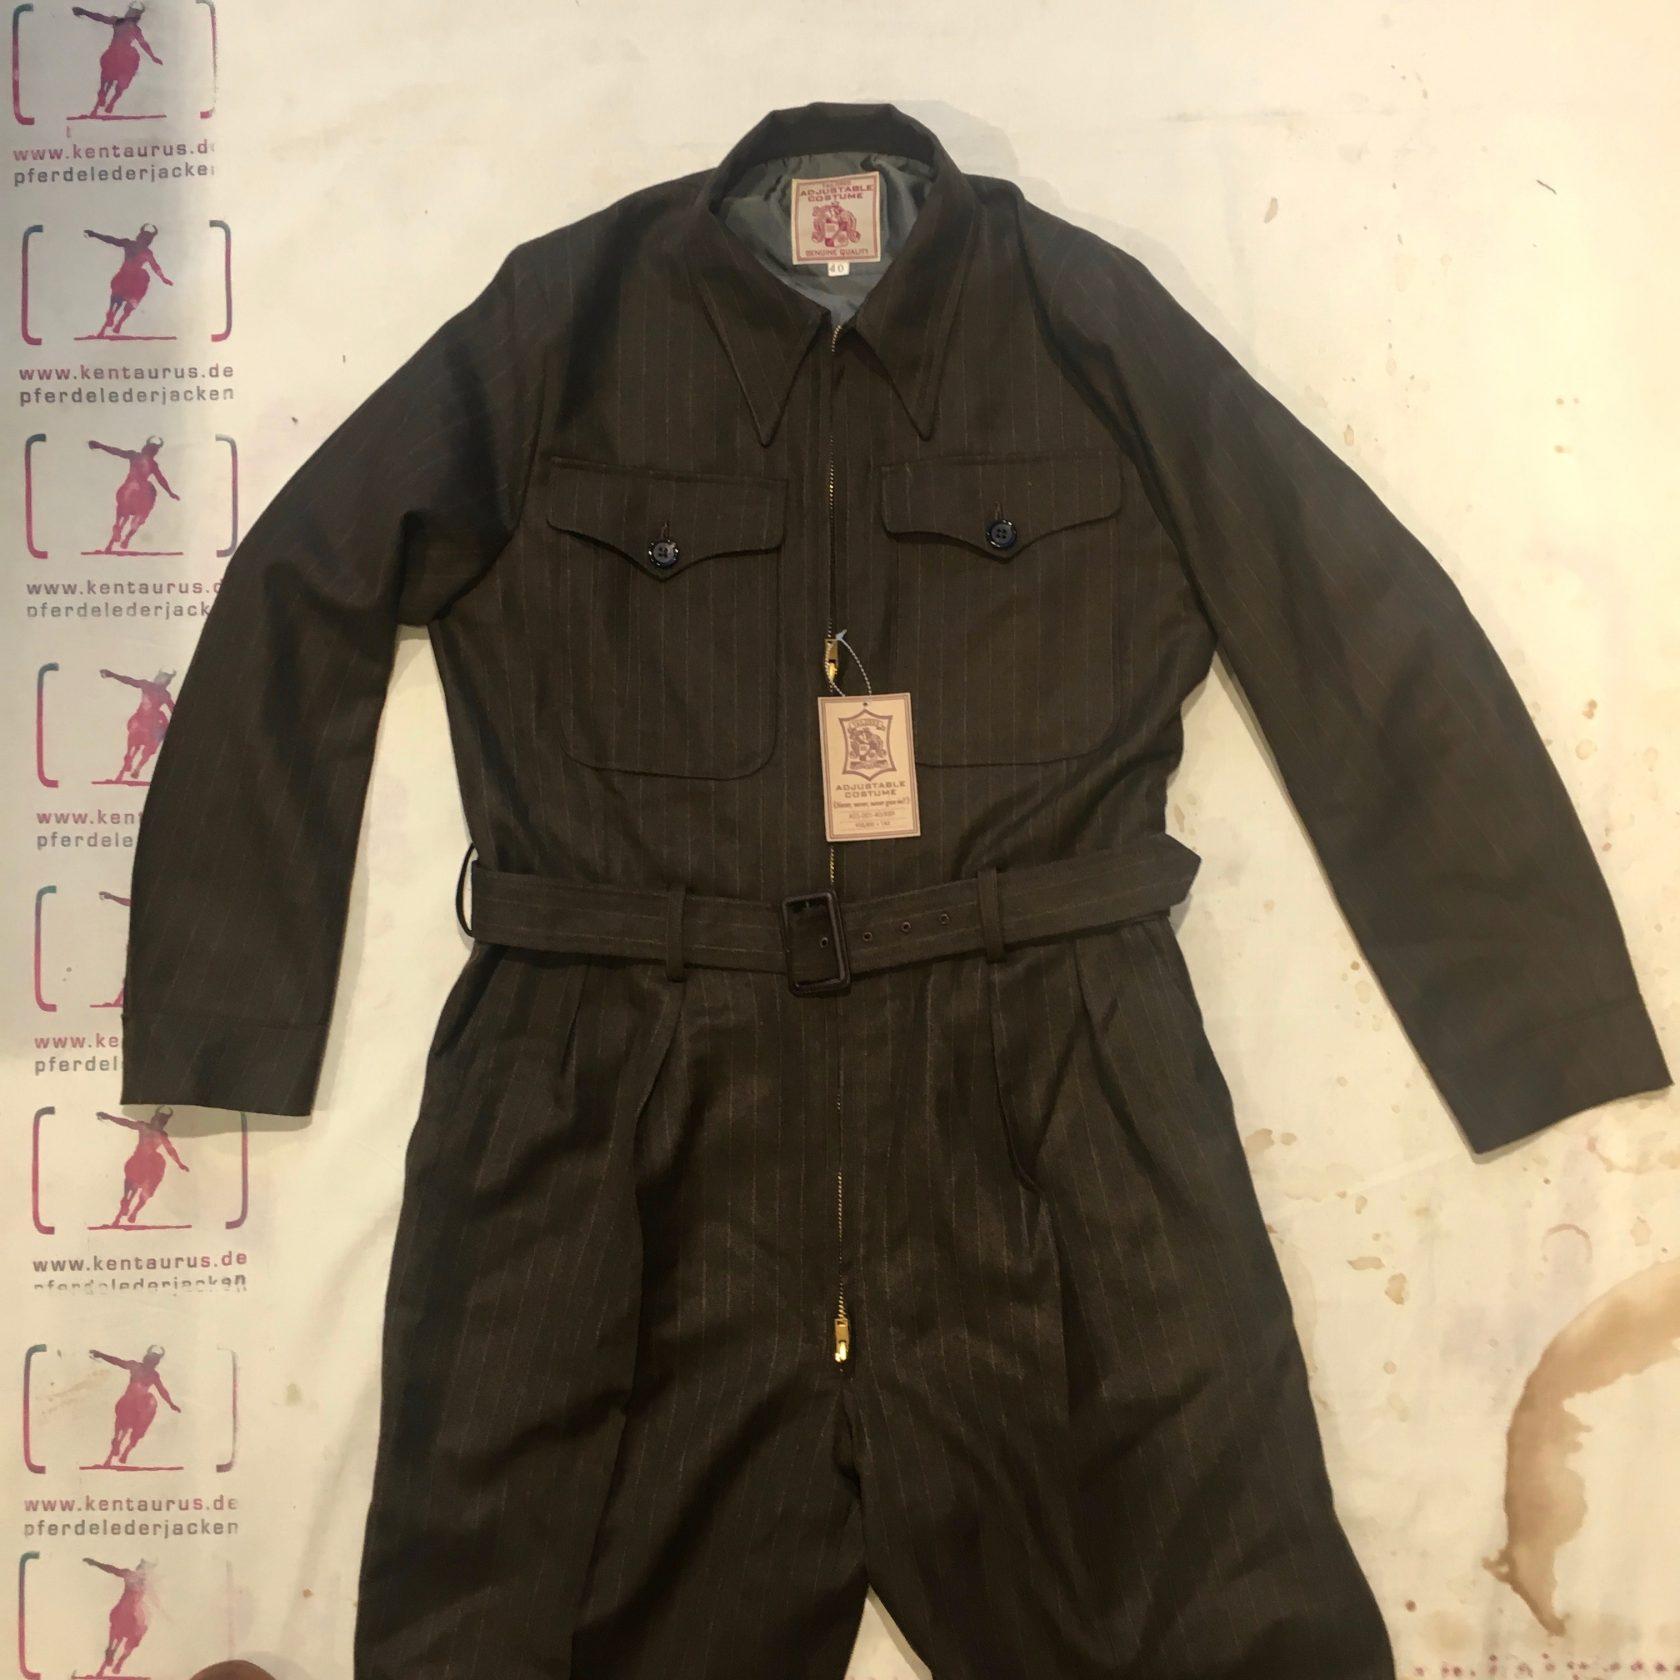 Adjustable Costume siren suit